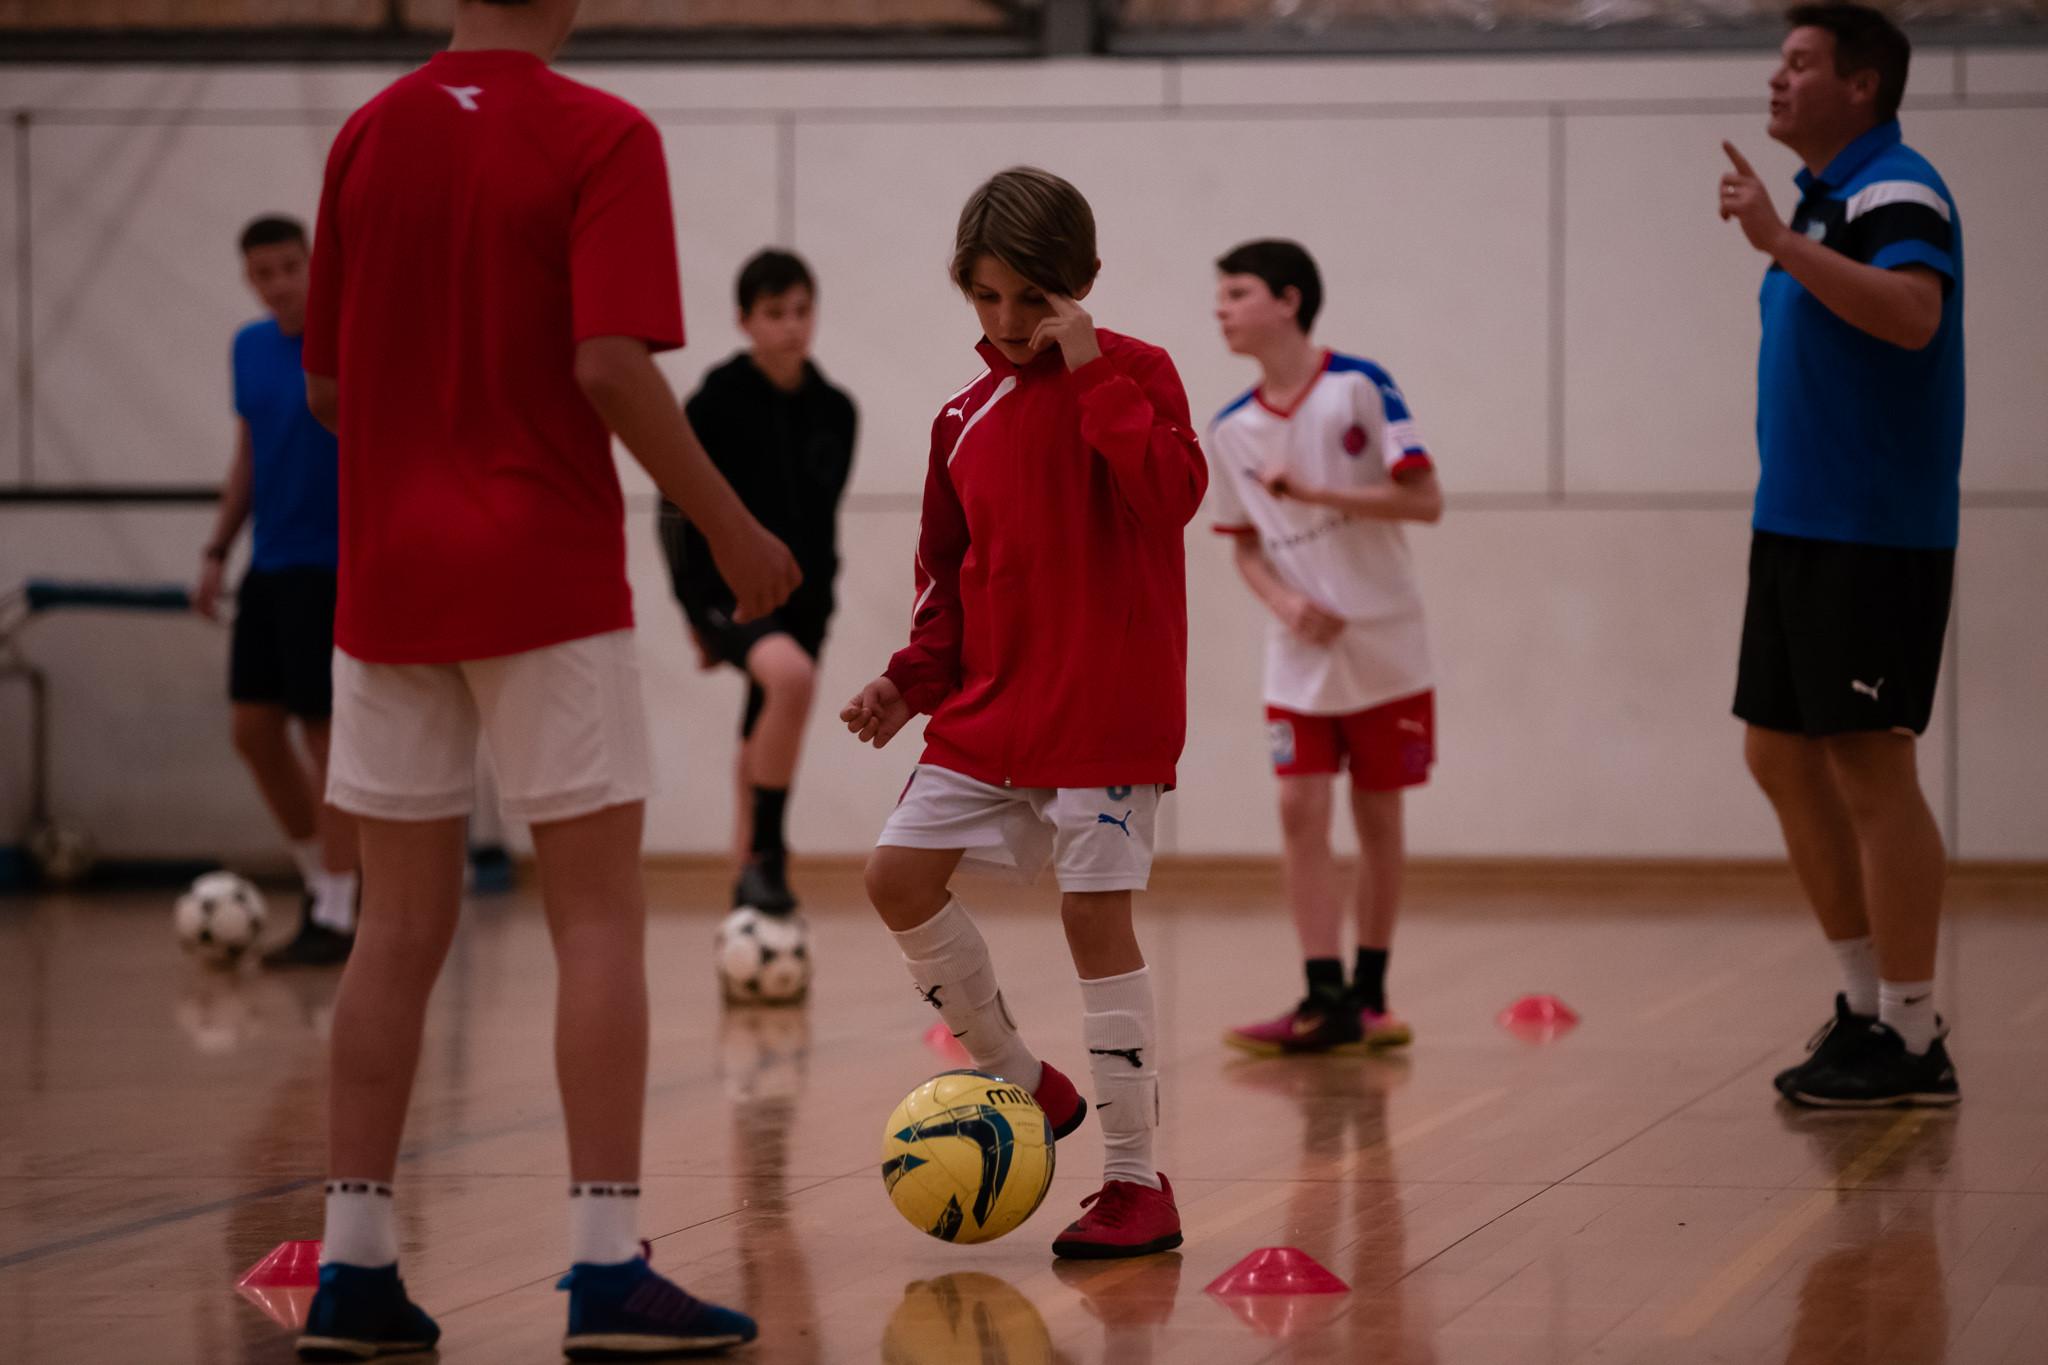 Week 4 -U10 & U12 Boys - Weekly Skills